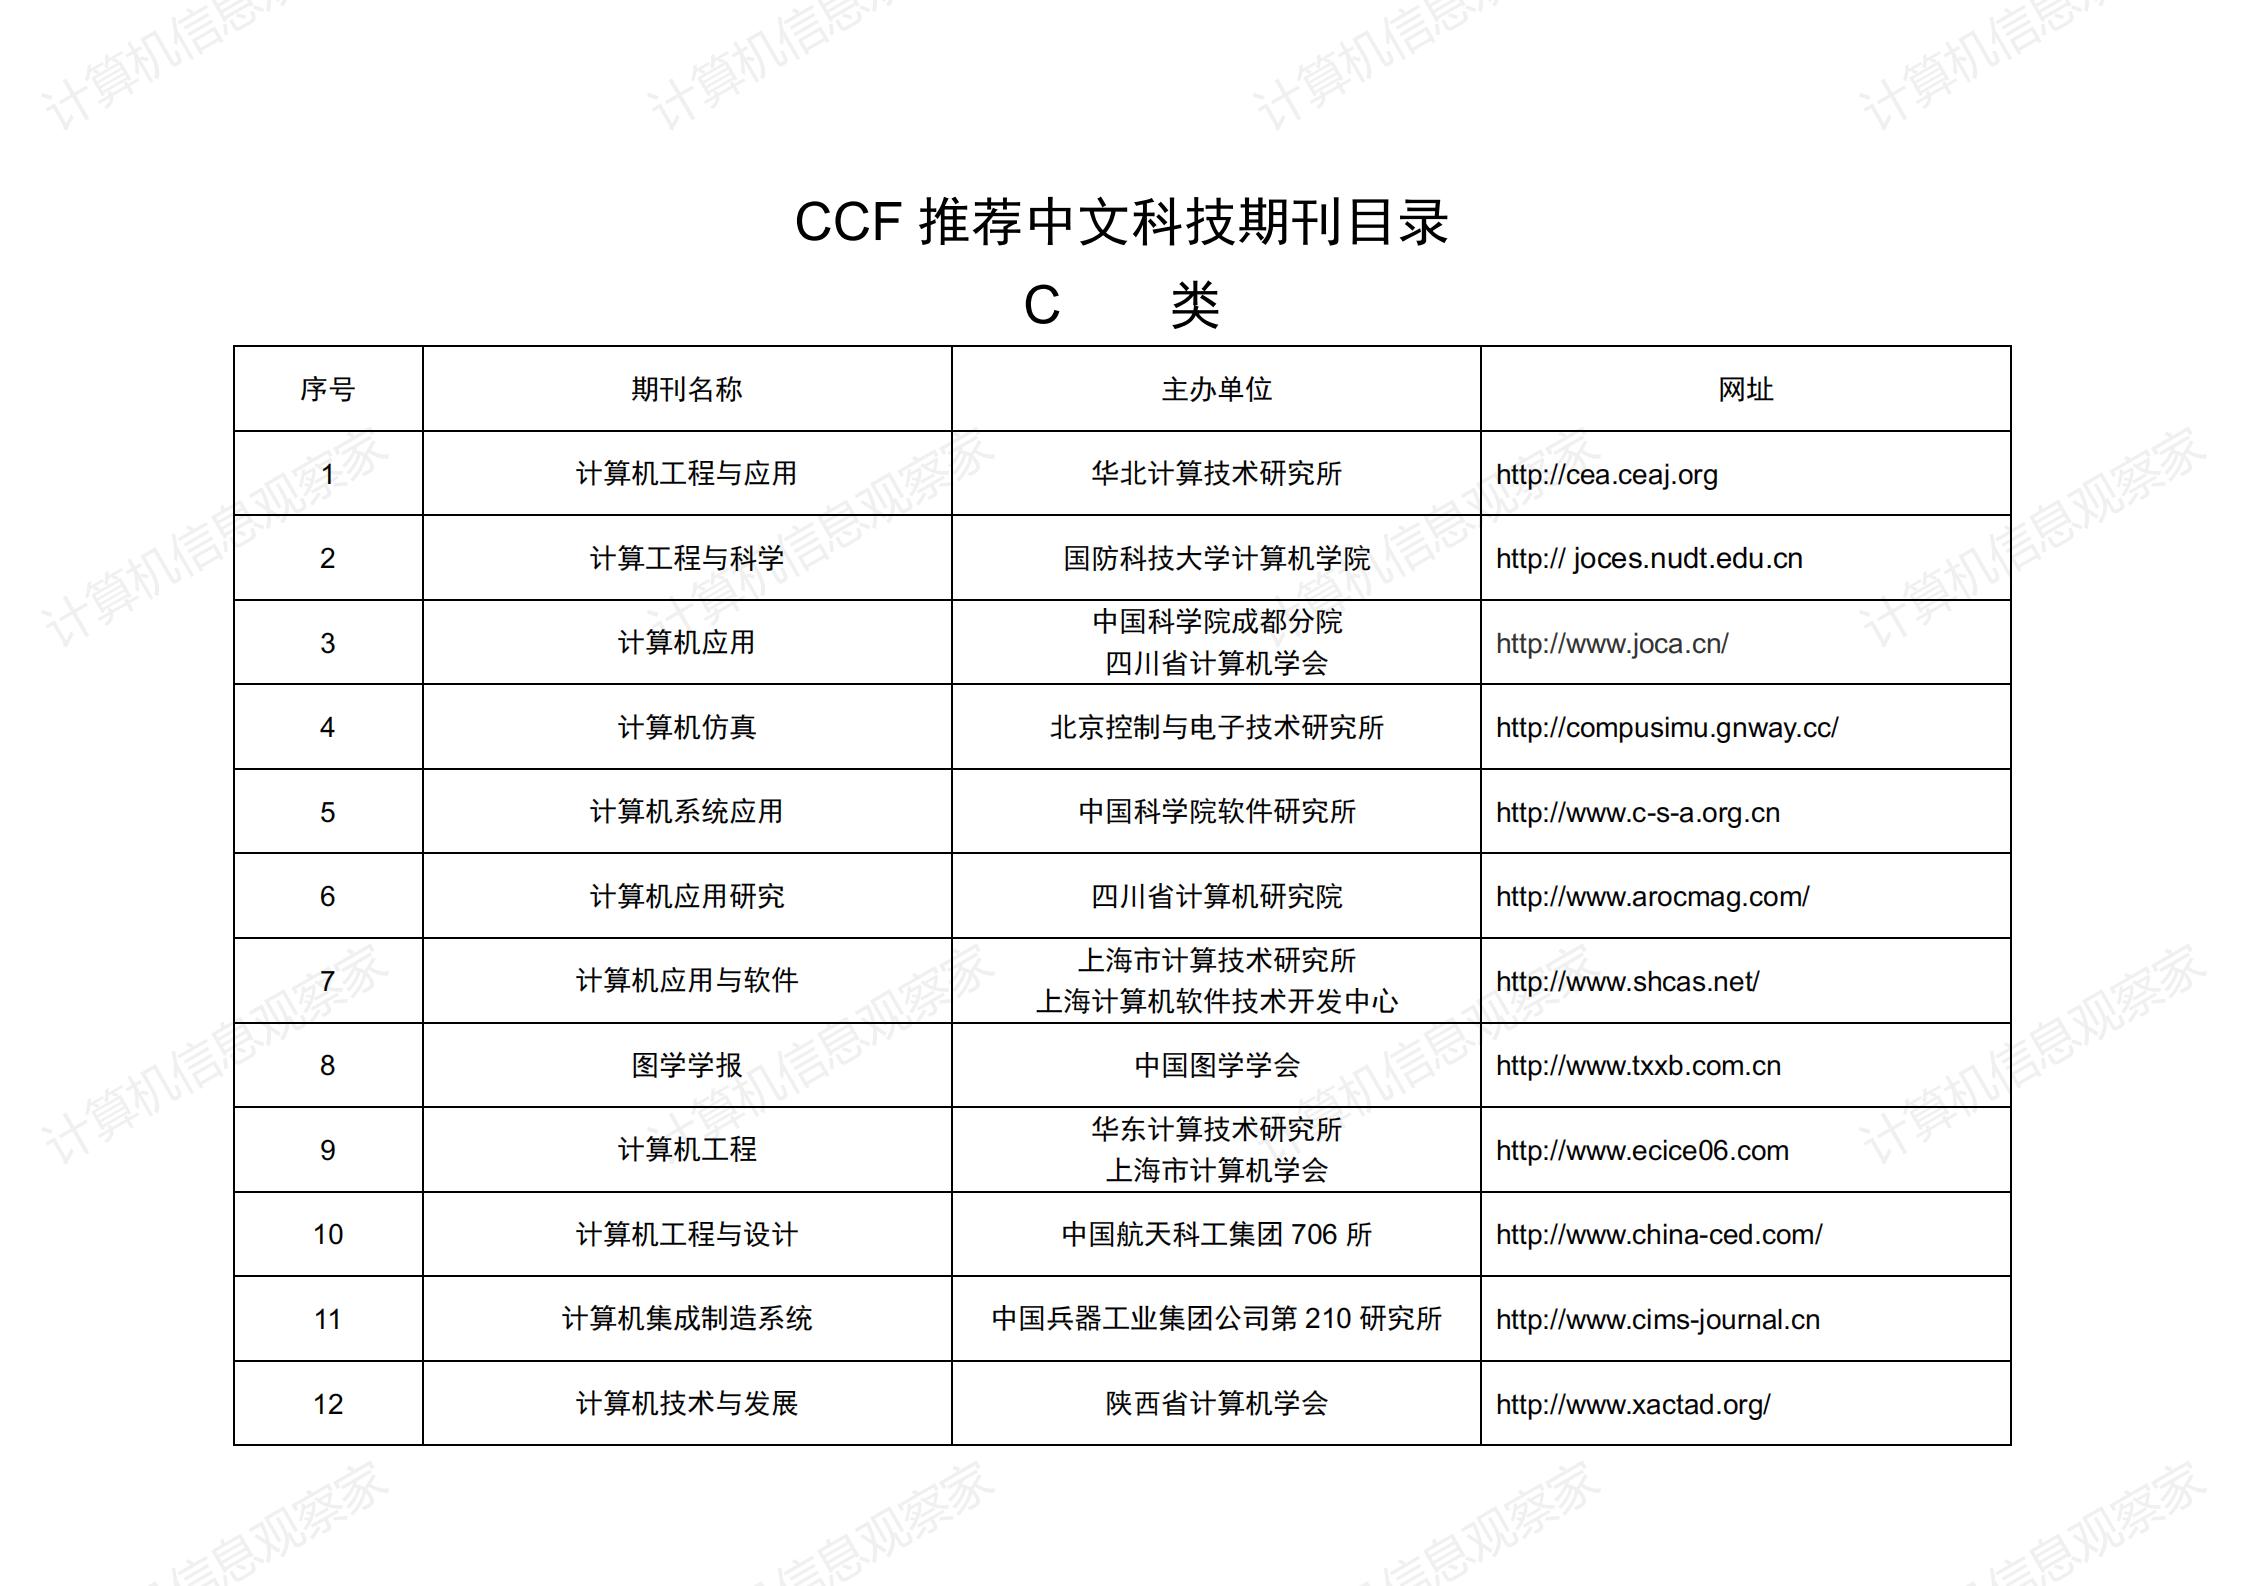 中国计算机学会推荐中文科技期刊目录_03.png